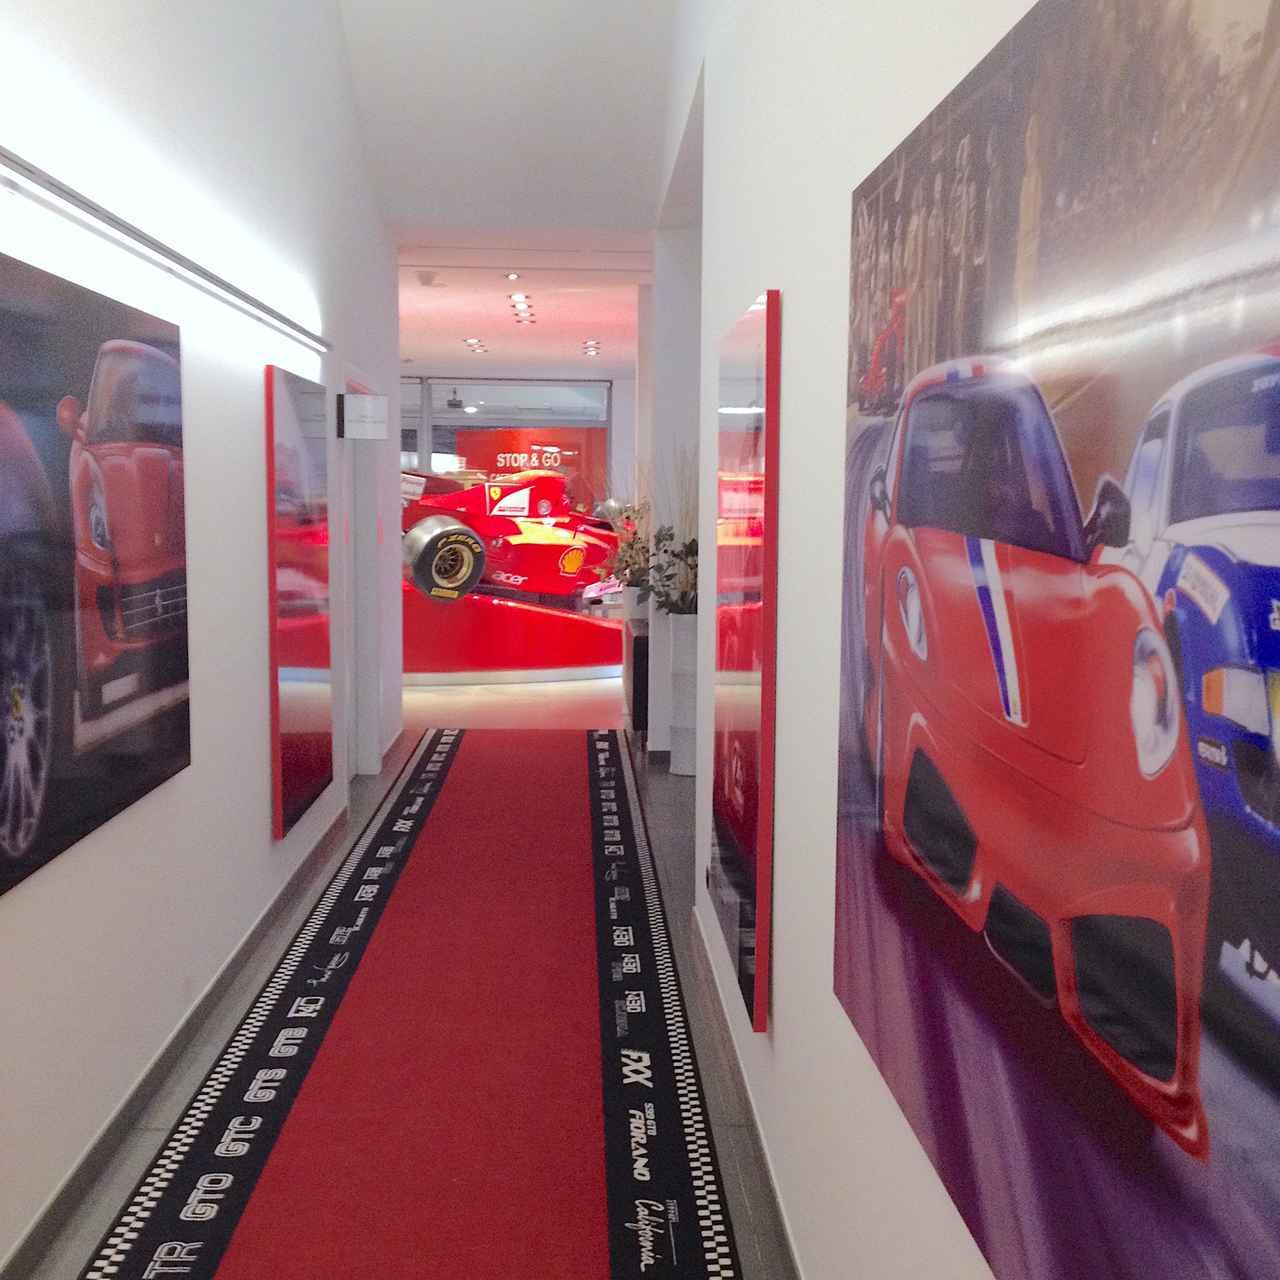 画像: 思わずダッシュしたくなる廊下のカーペット。